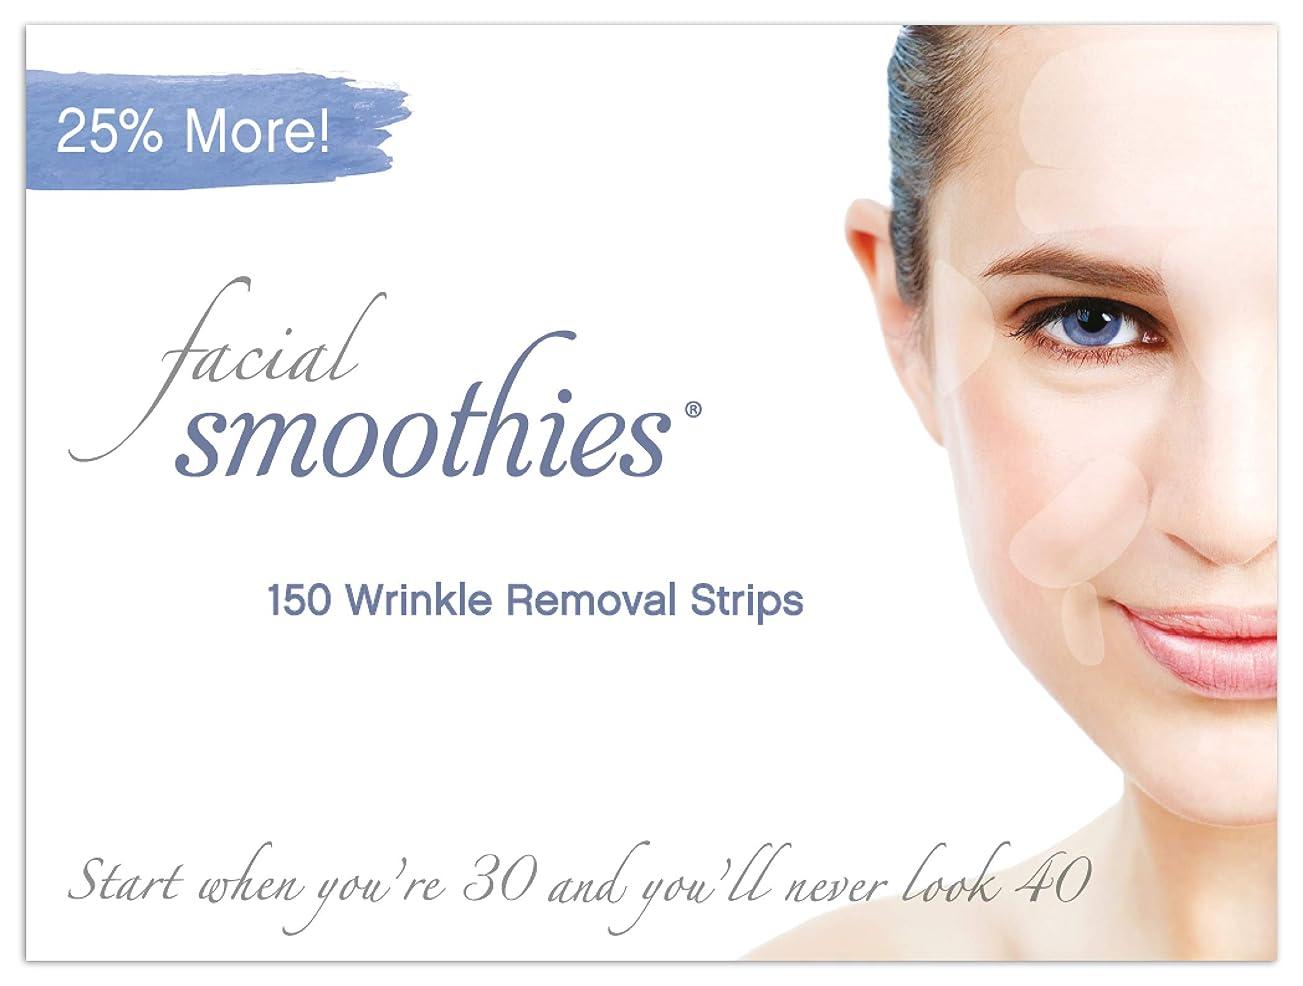 真空暗黙計画Facial Smoothies シワ取り テープ - 即効性 シワ対策 ケア クリア